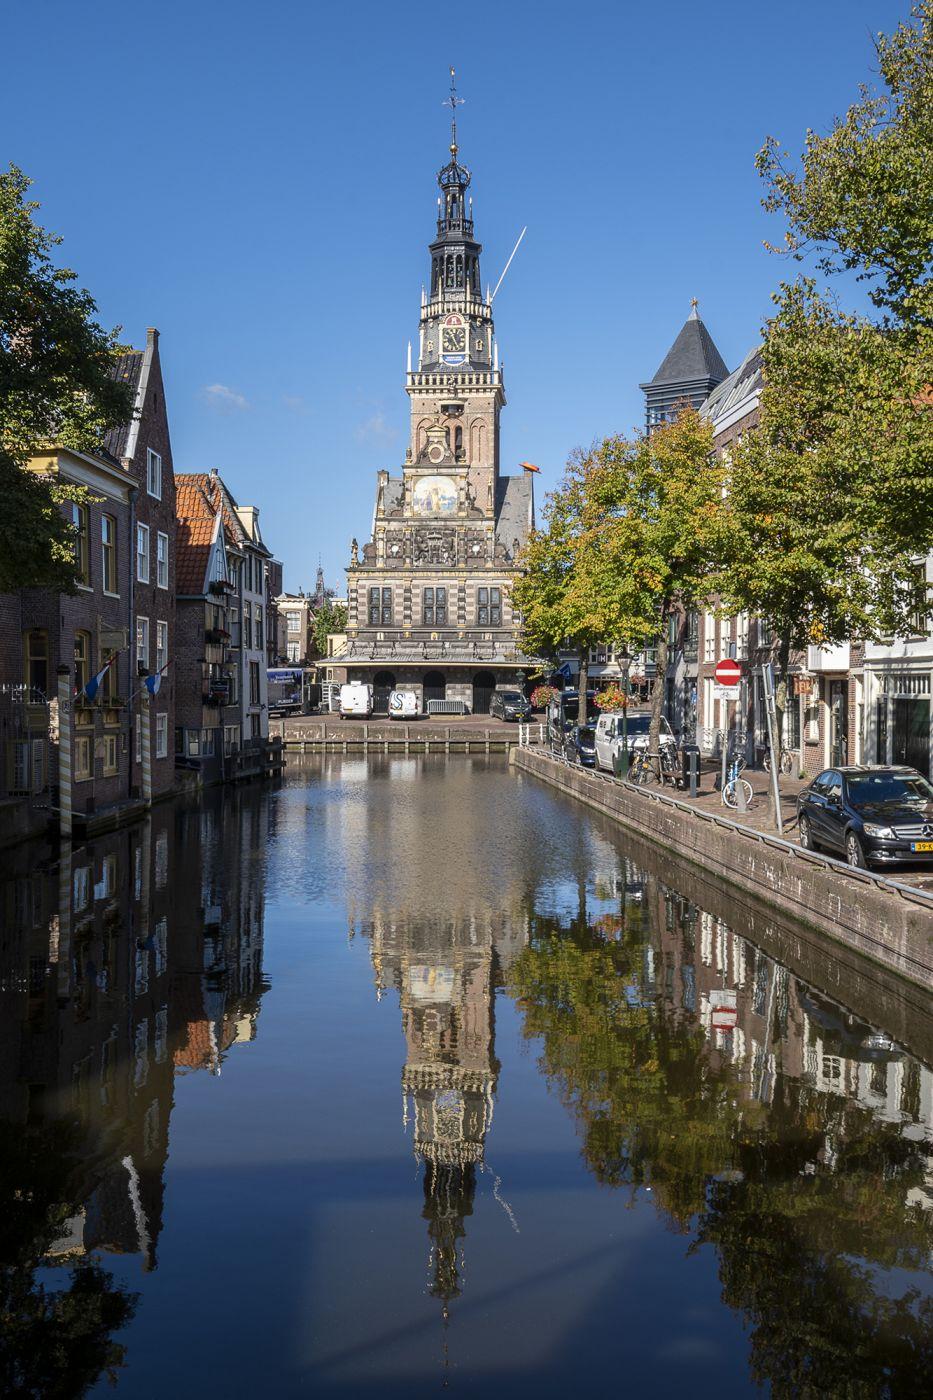 Alkmaar - Zijdam, Netherlands